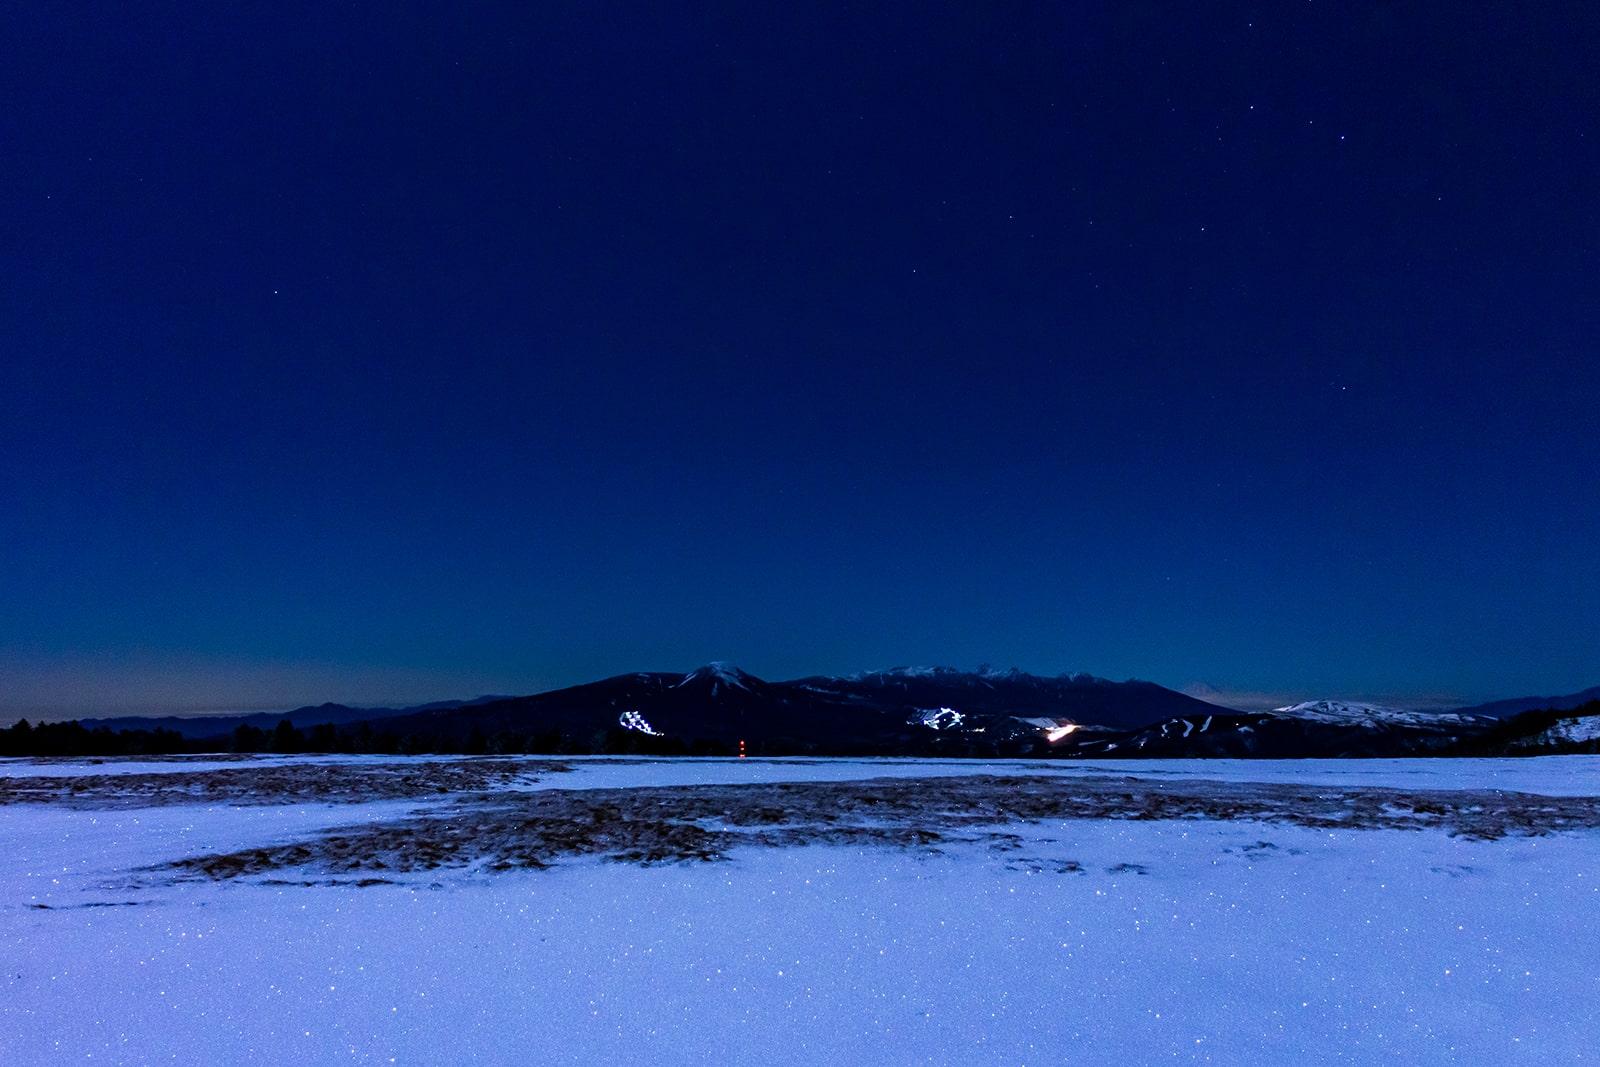 白い大地とはるかな山並みと星空を楽しめる美ヶ原